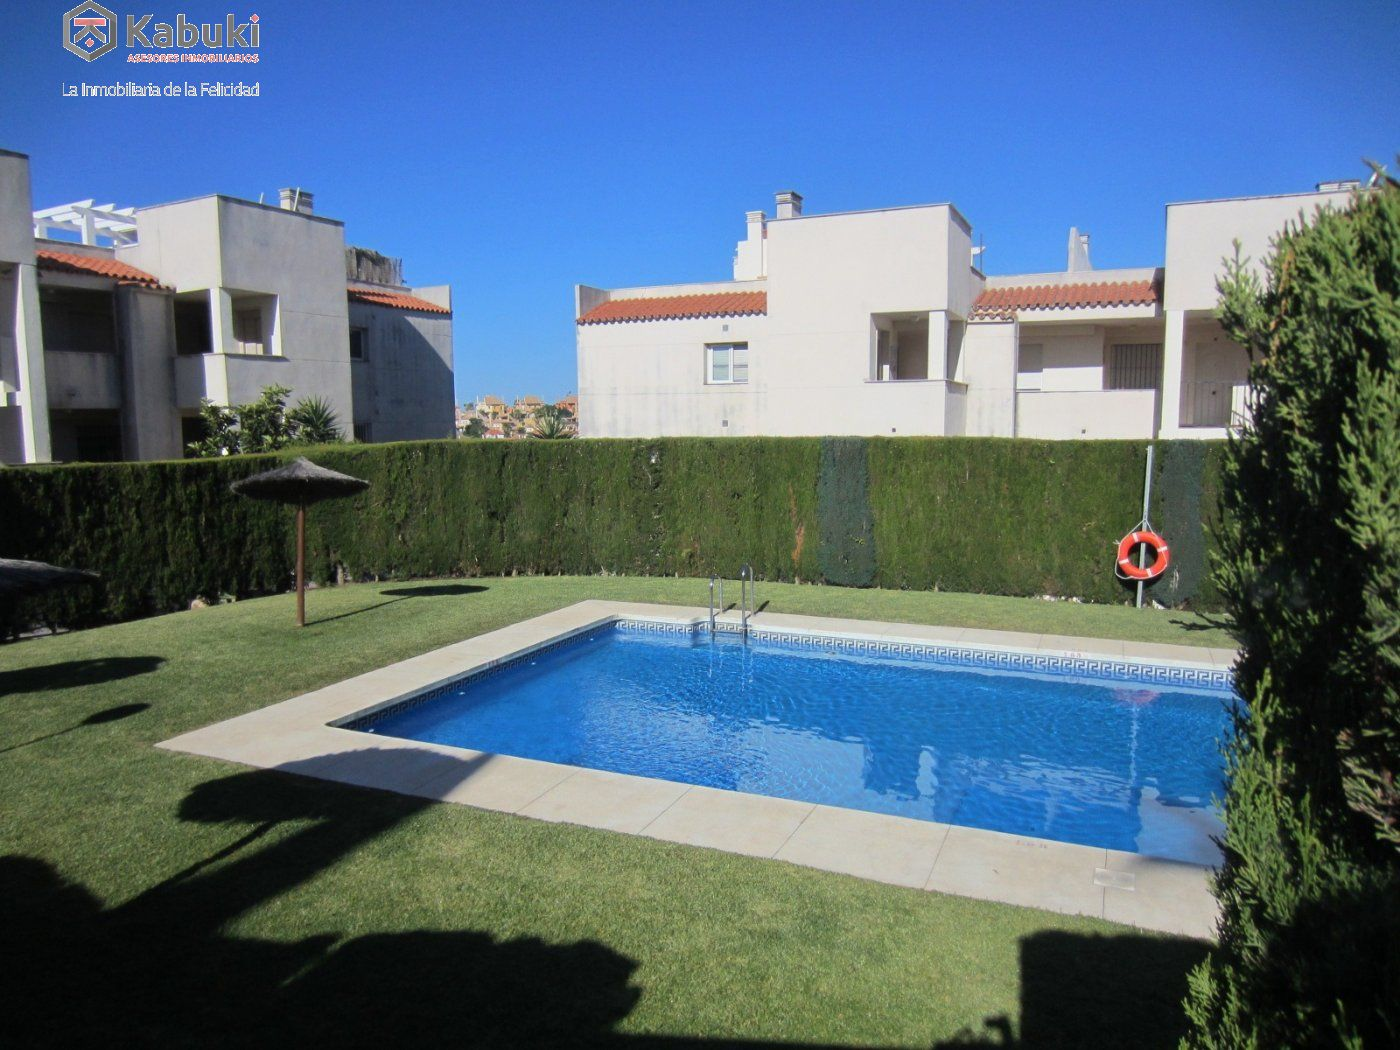 Coqueto apartamento en mijas, a un paso del mar. en urbanización con piscina. - imagenInmueble13